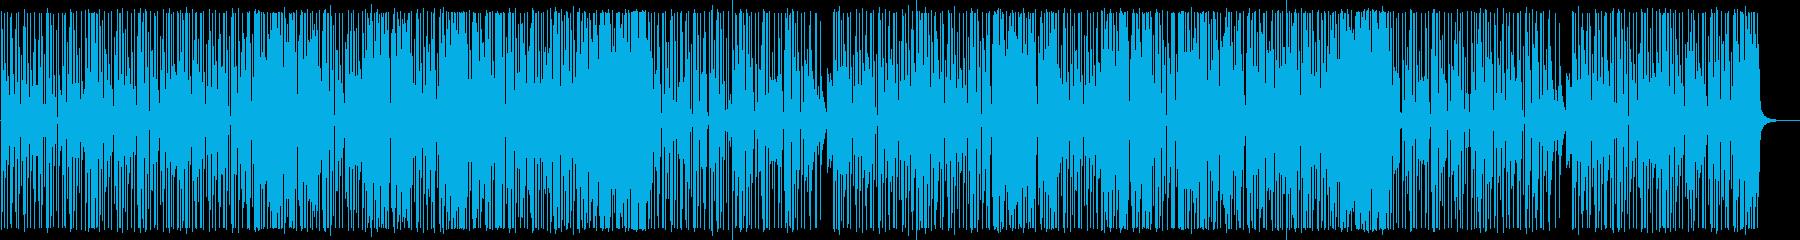 YouTube サックス・ファンクの再生済みの波形